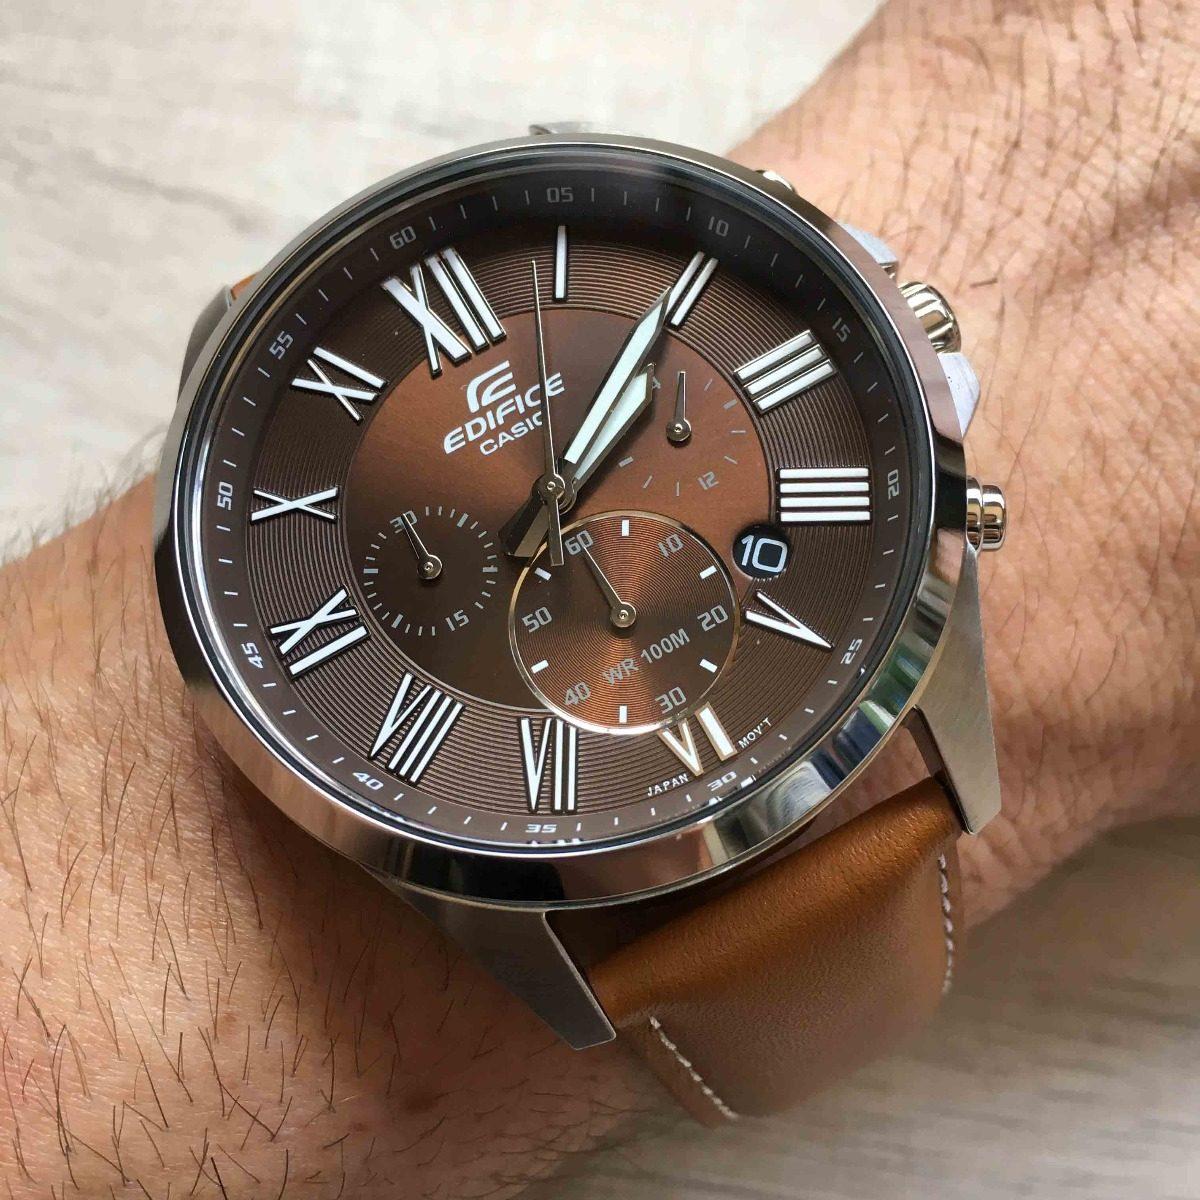 0f3bfd881c2 relogio casio edifice cronografo masculino efv-500 original. Carregando  zoom.